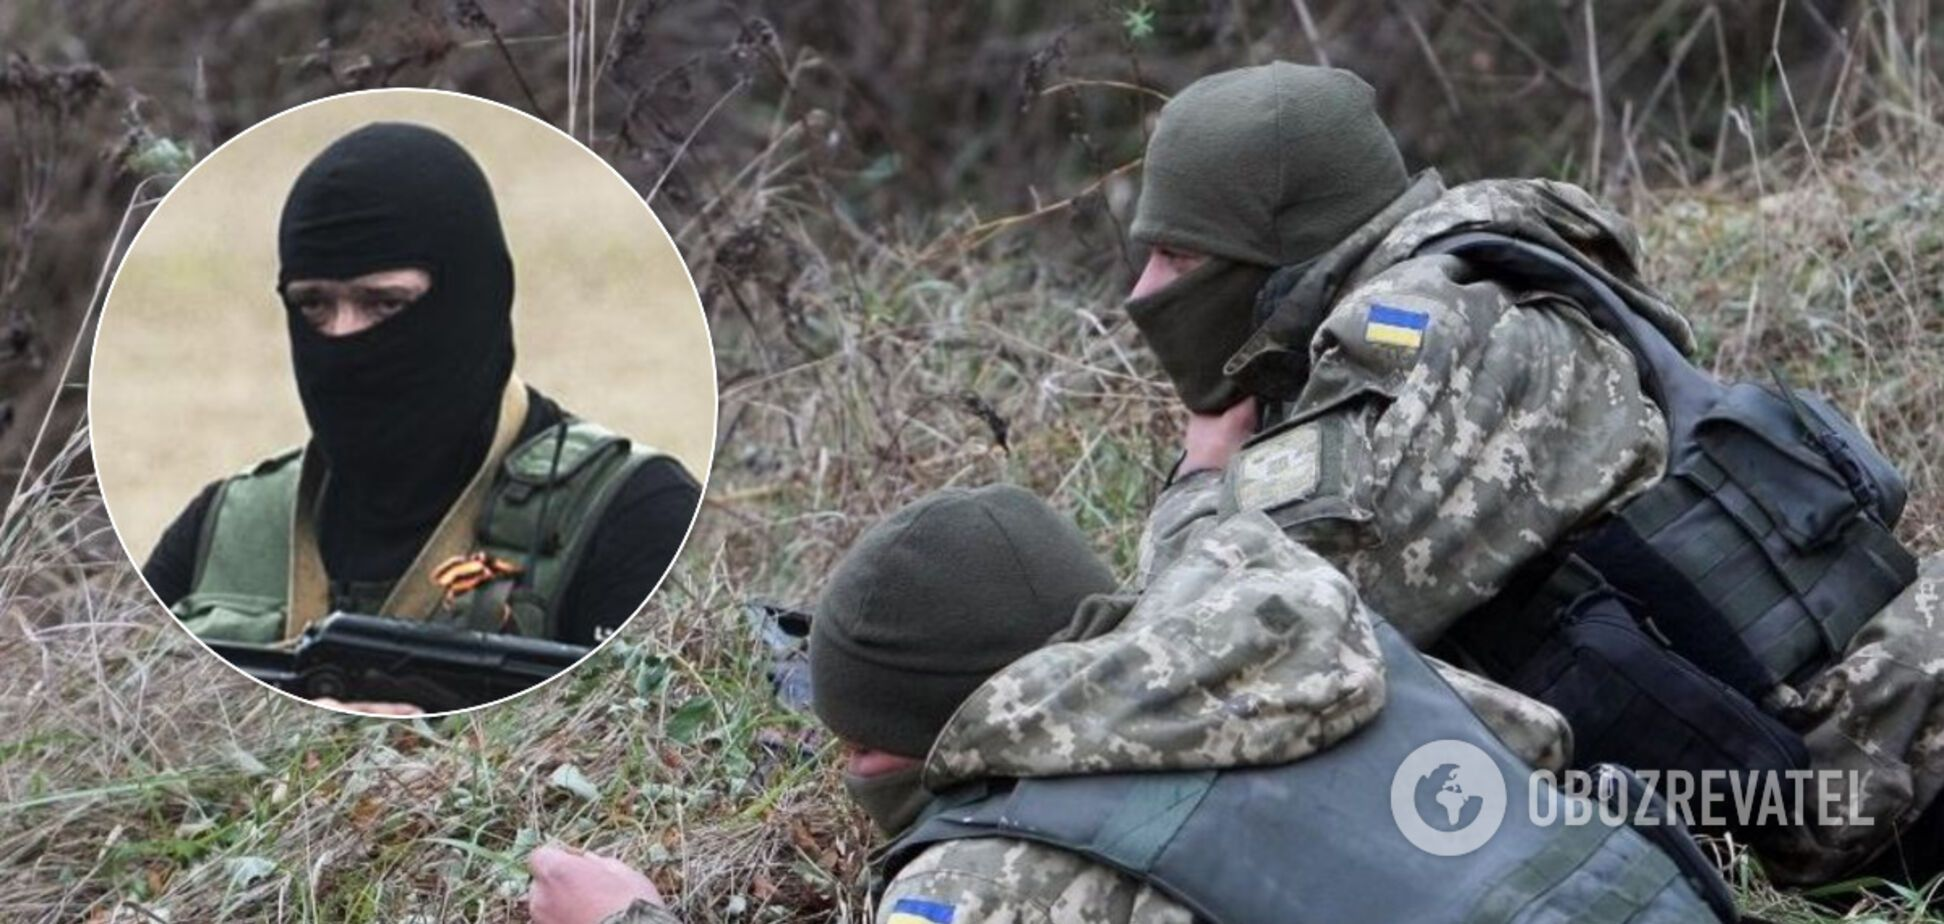 Найманці Росії поранили двох бійців ООС, але отримали потужну відповідь